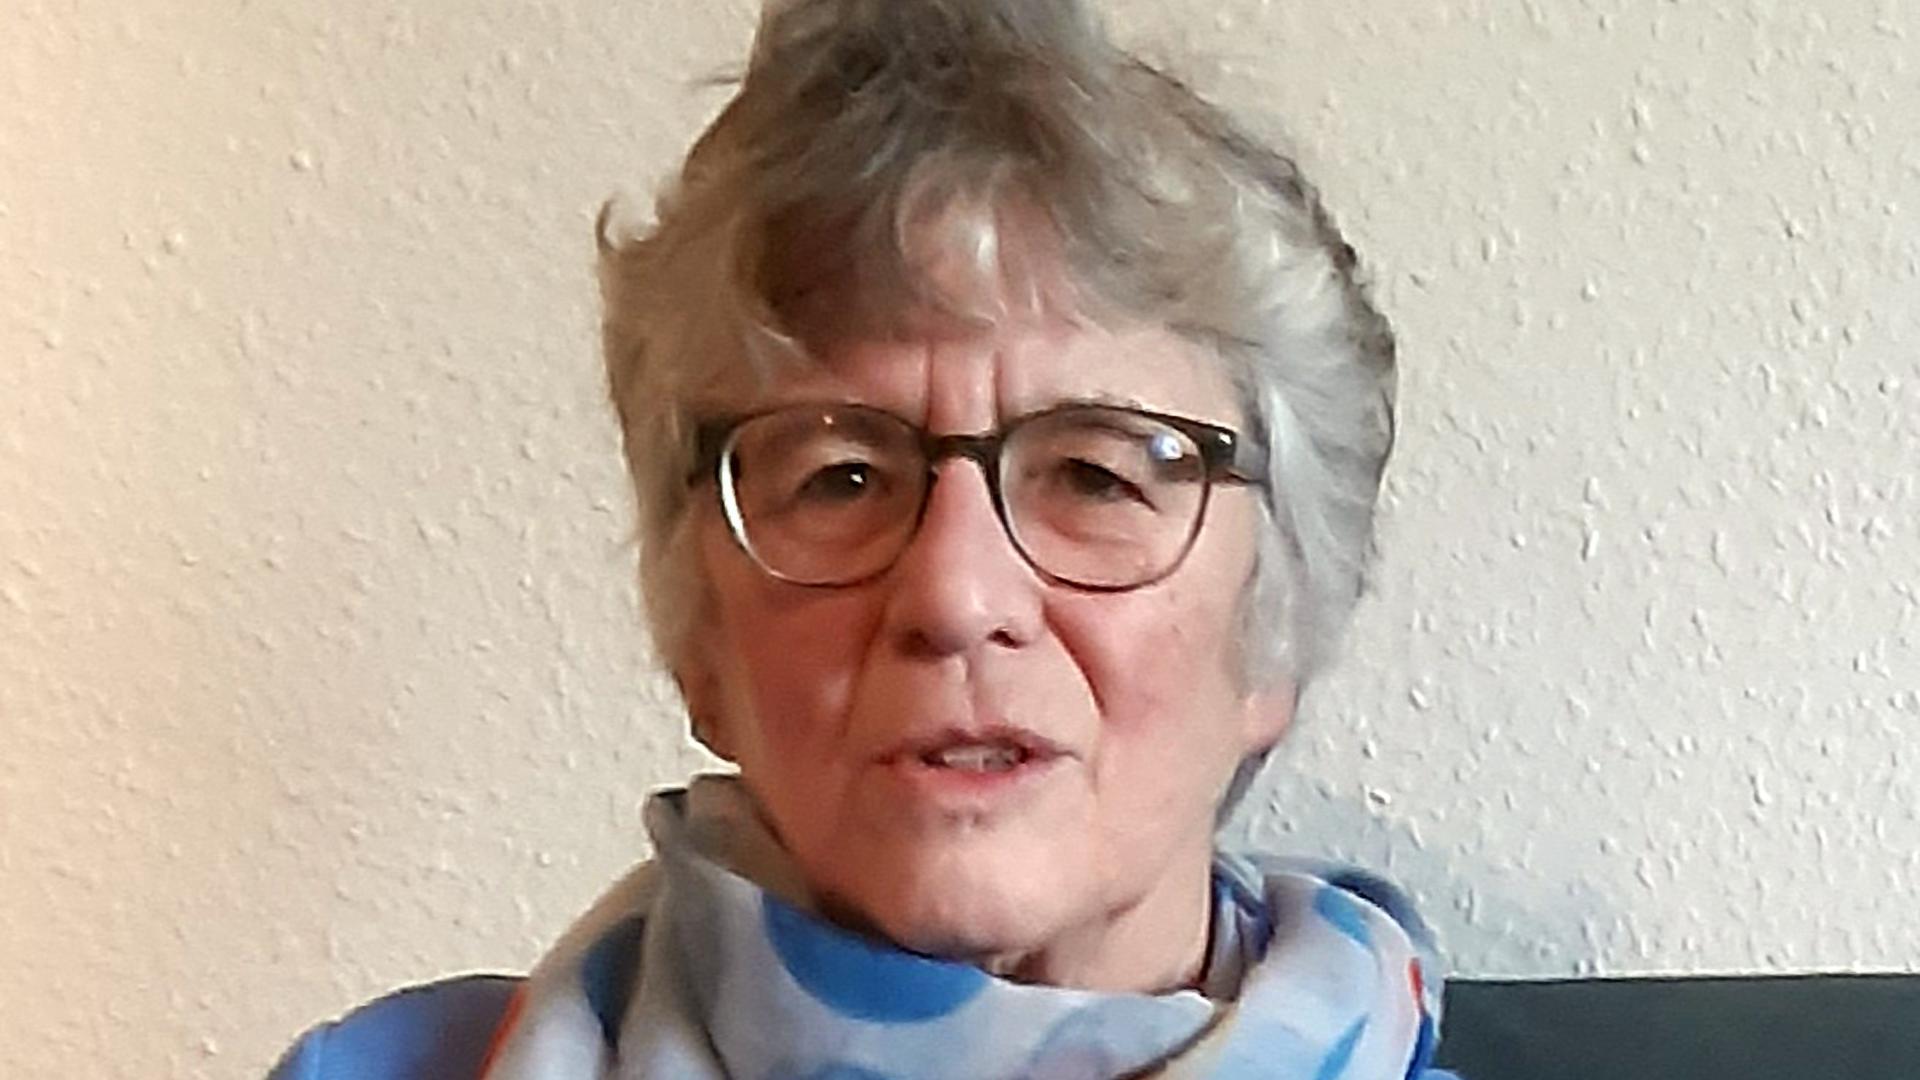 Im Einsatz für Menschen in akuten Krisen und schwierigen Lebenslagen: Pfarrerin Bettina Grimberg erwartet einen hohen Gesprächsbedarf an den Feiertagen.